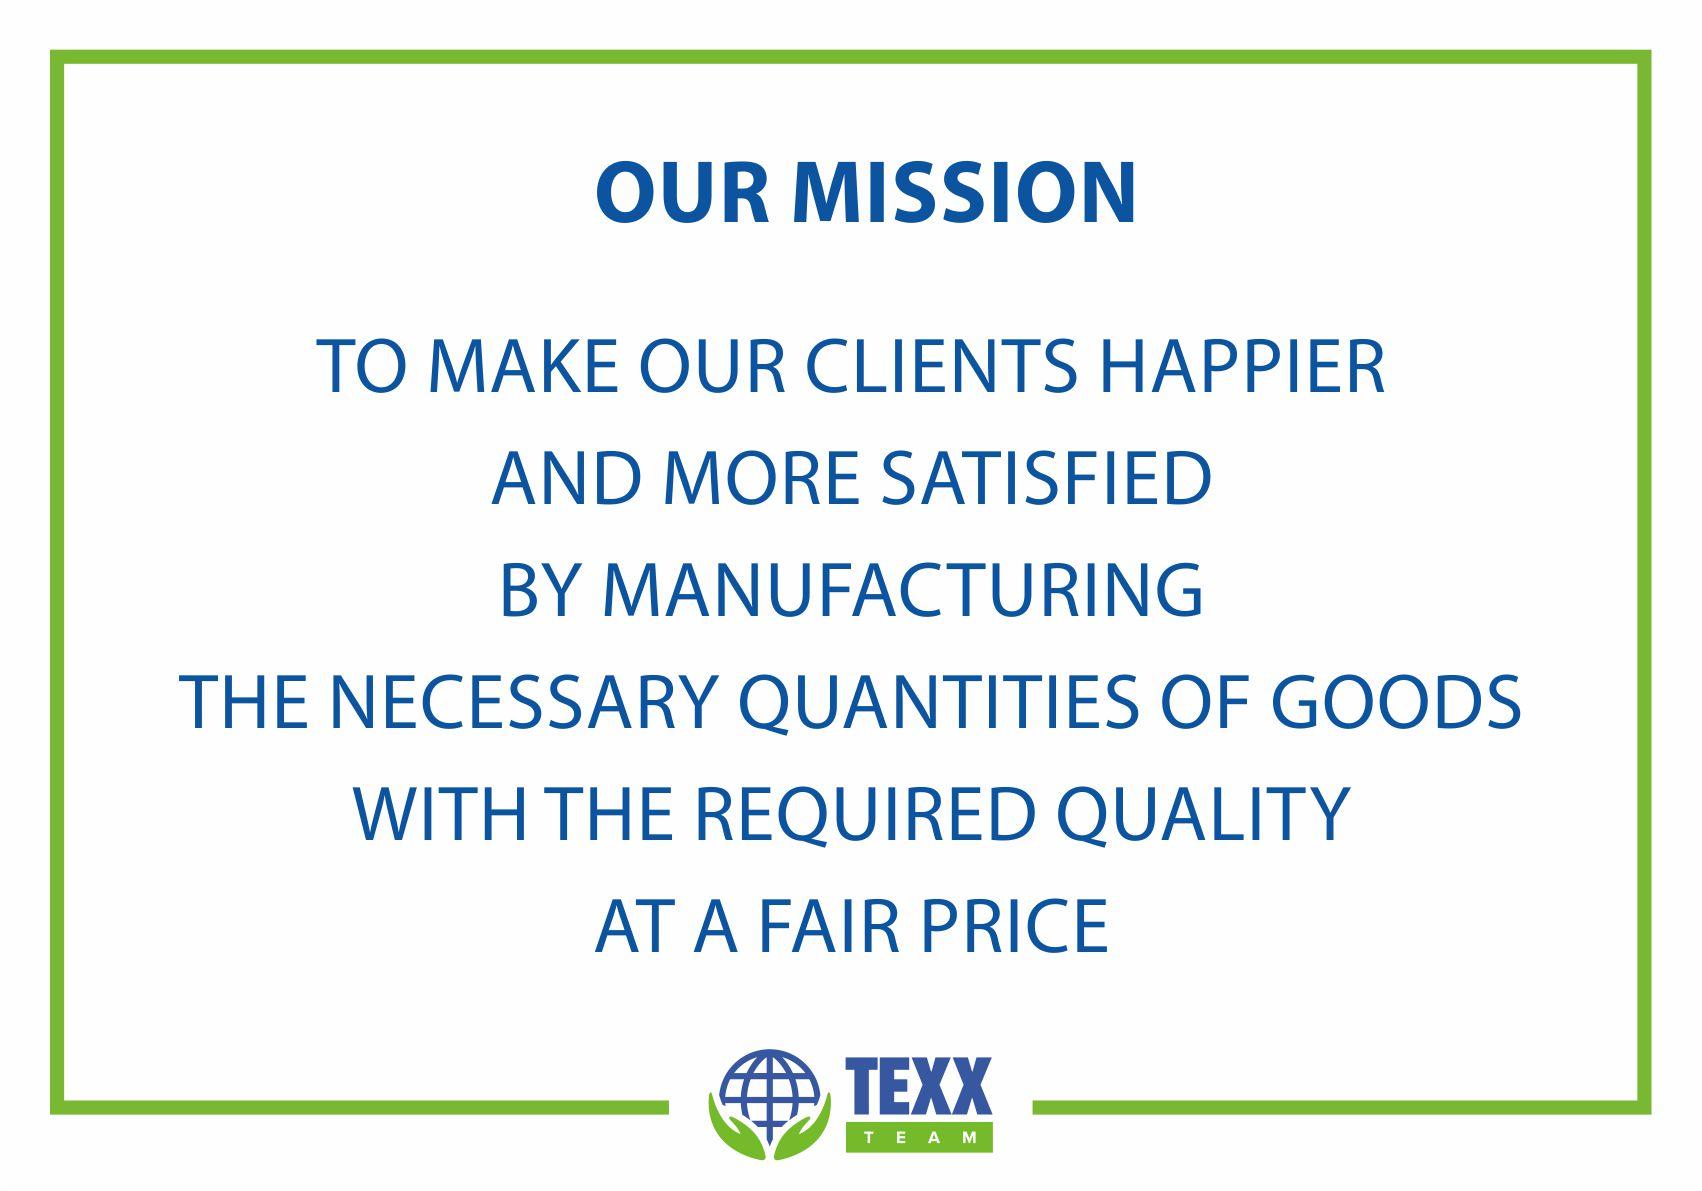 Texx Team Mission